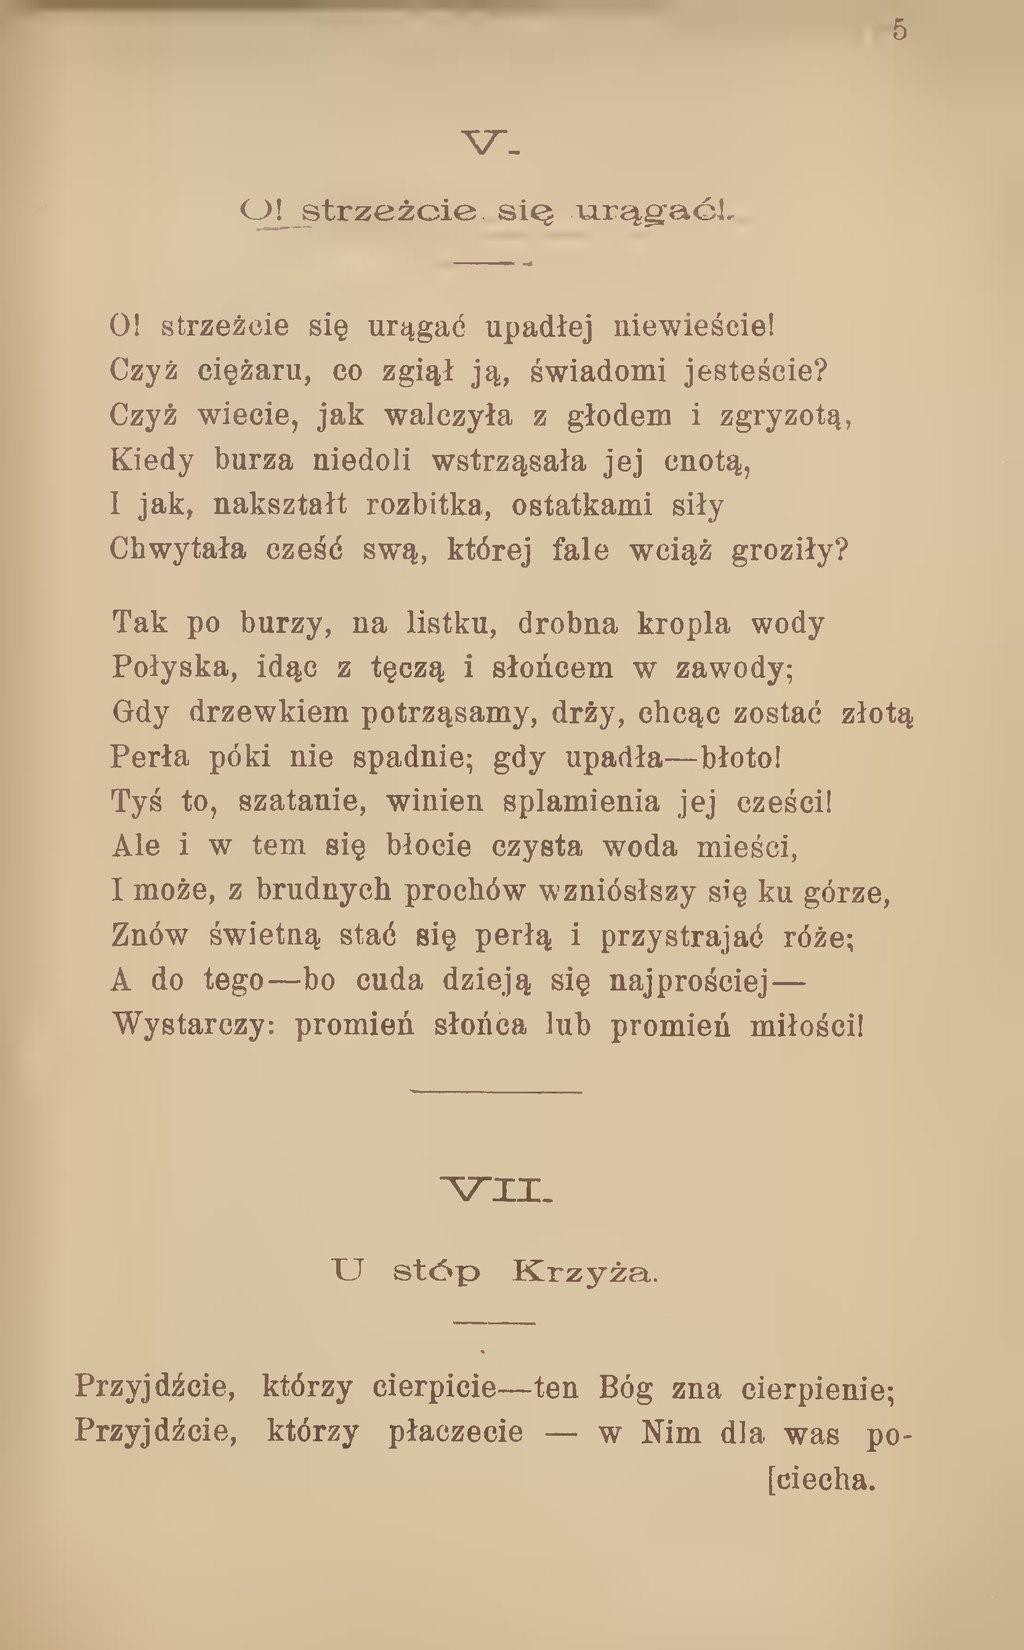 Stronagomulickiego Wiktora Wiersze Zbiór Nowydjvu98